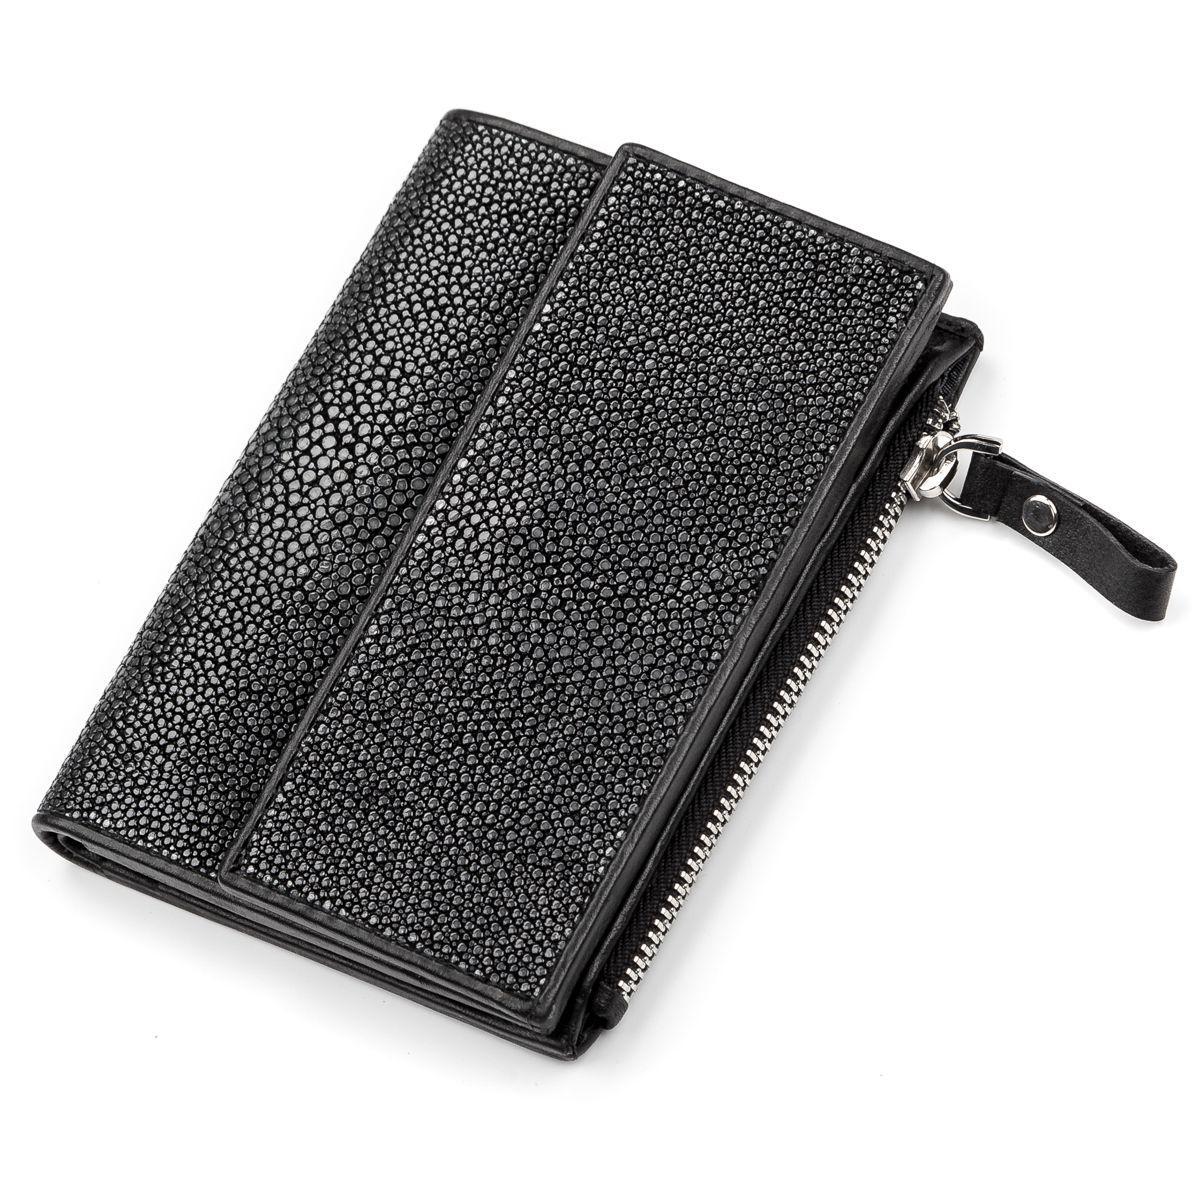 Портмоне Ekzotic Leather из натуральной кожи морского ската Черное